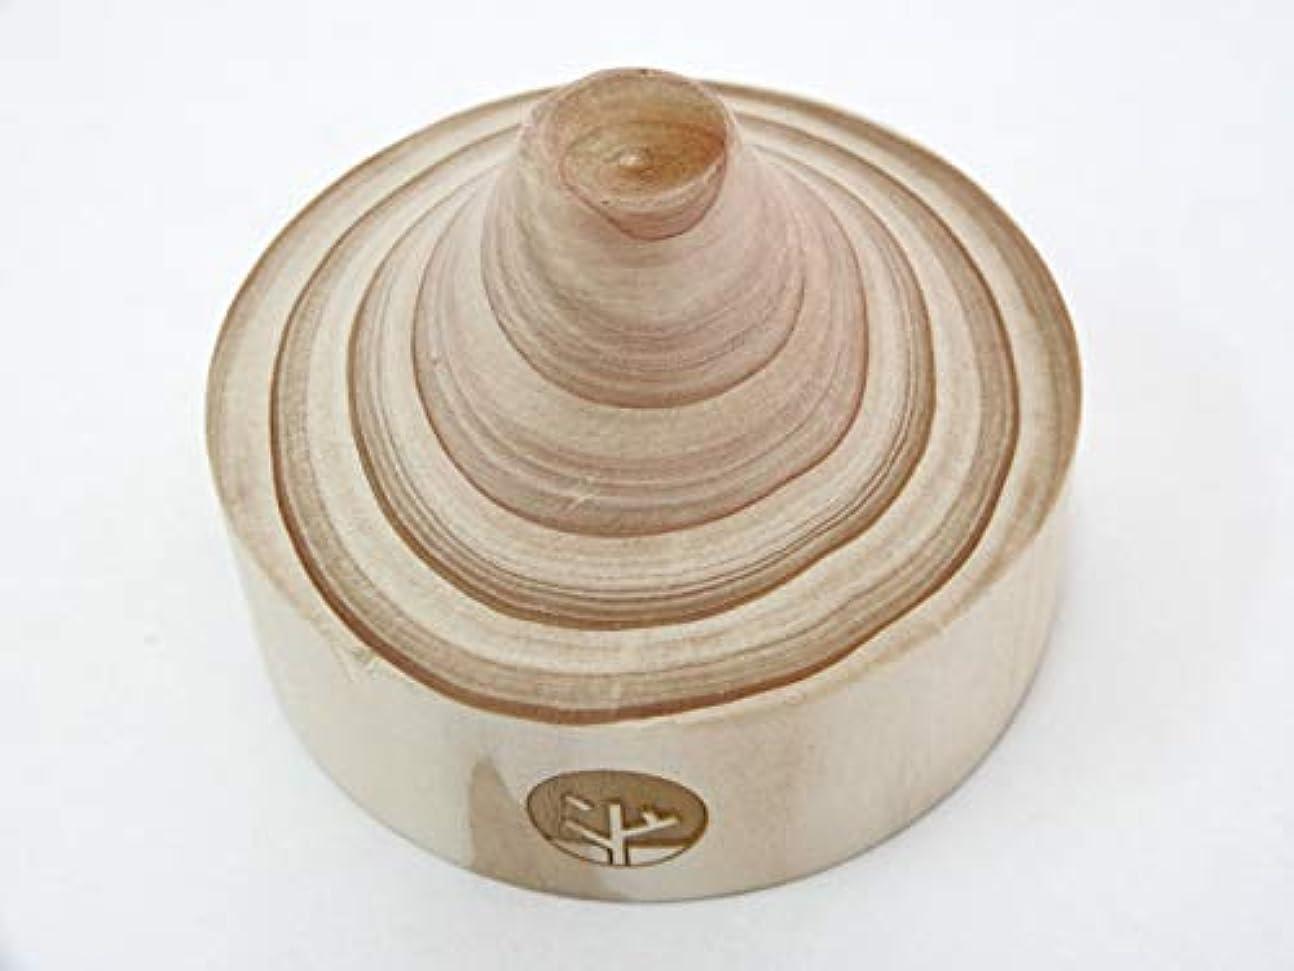 中止します怒り乳製品一郎木創 木製 アロマディッシュ 心持木受香器 火山 桧 TL-97-7